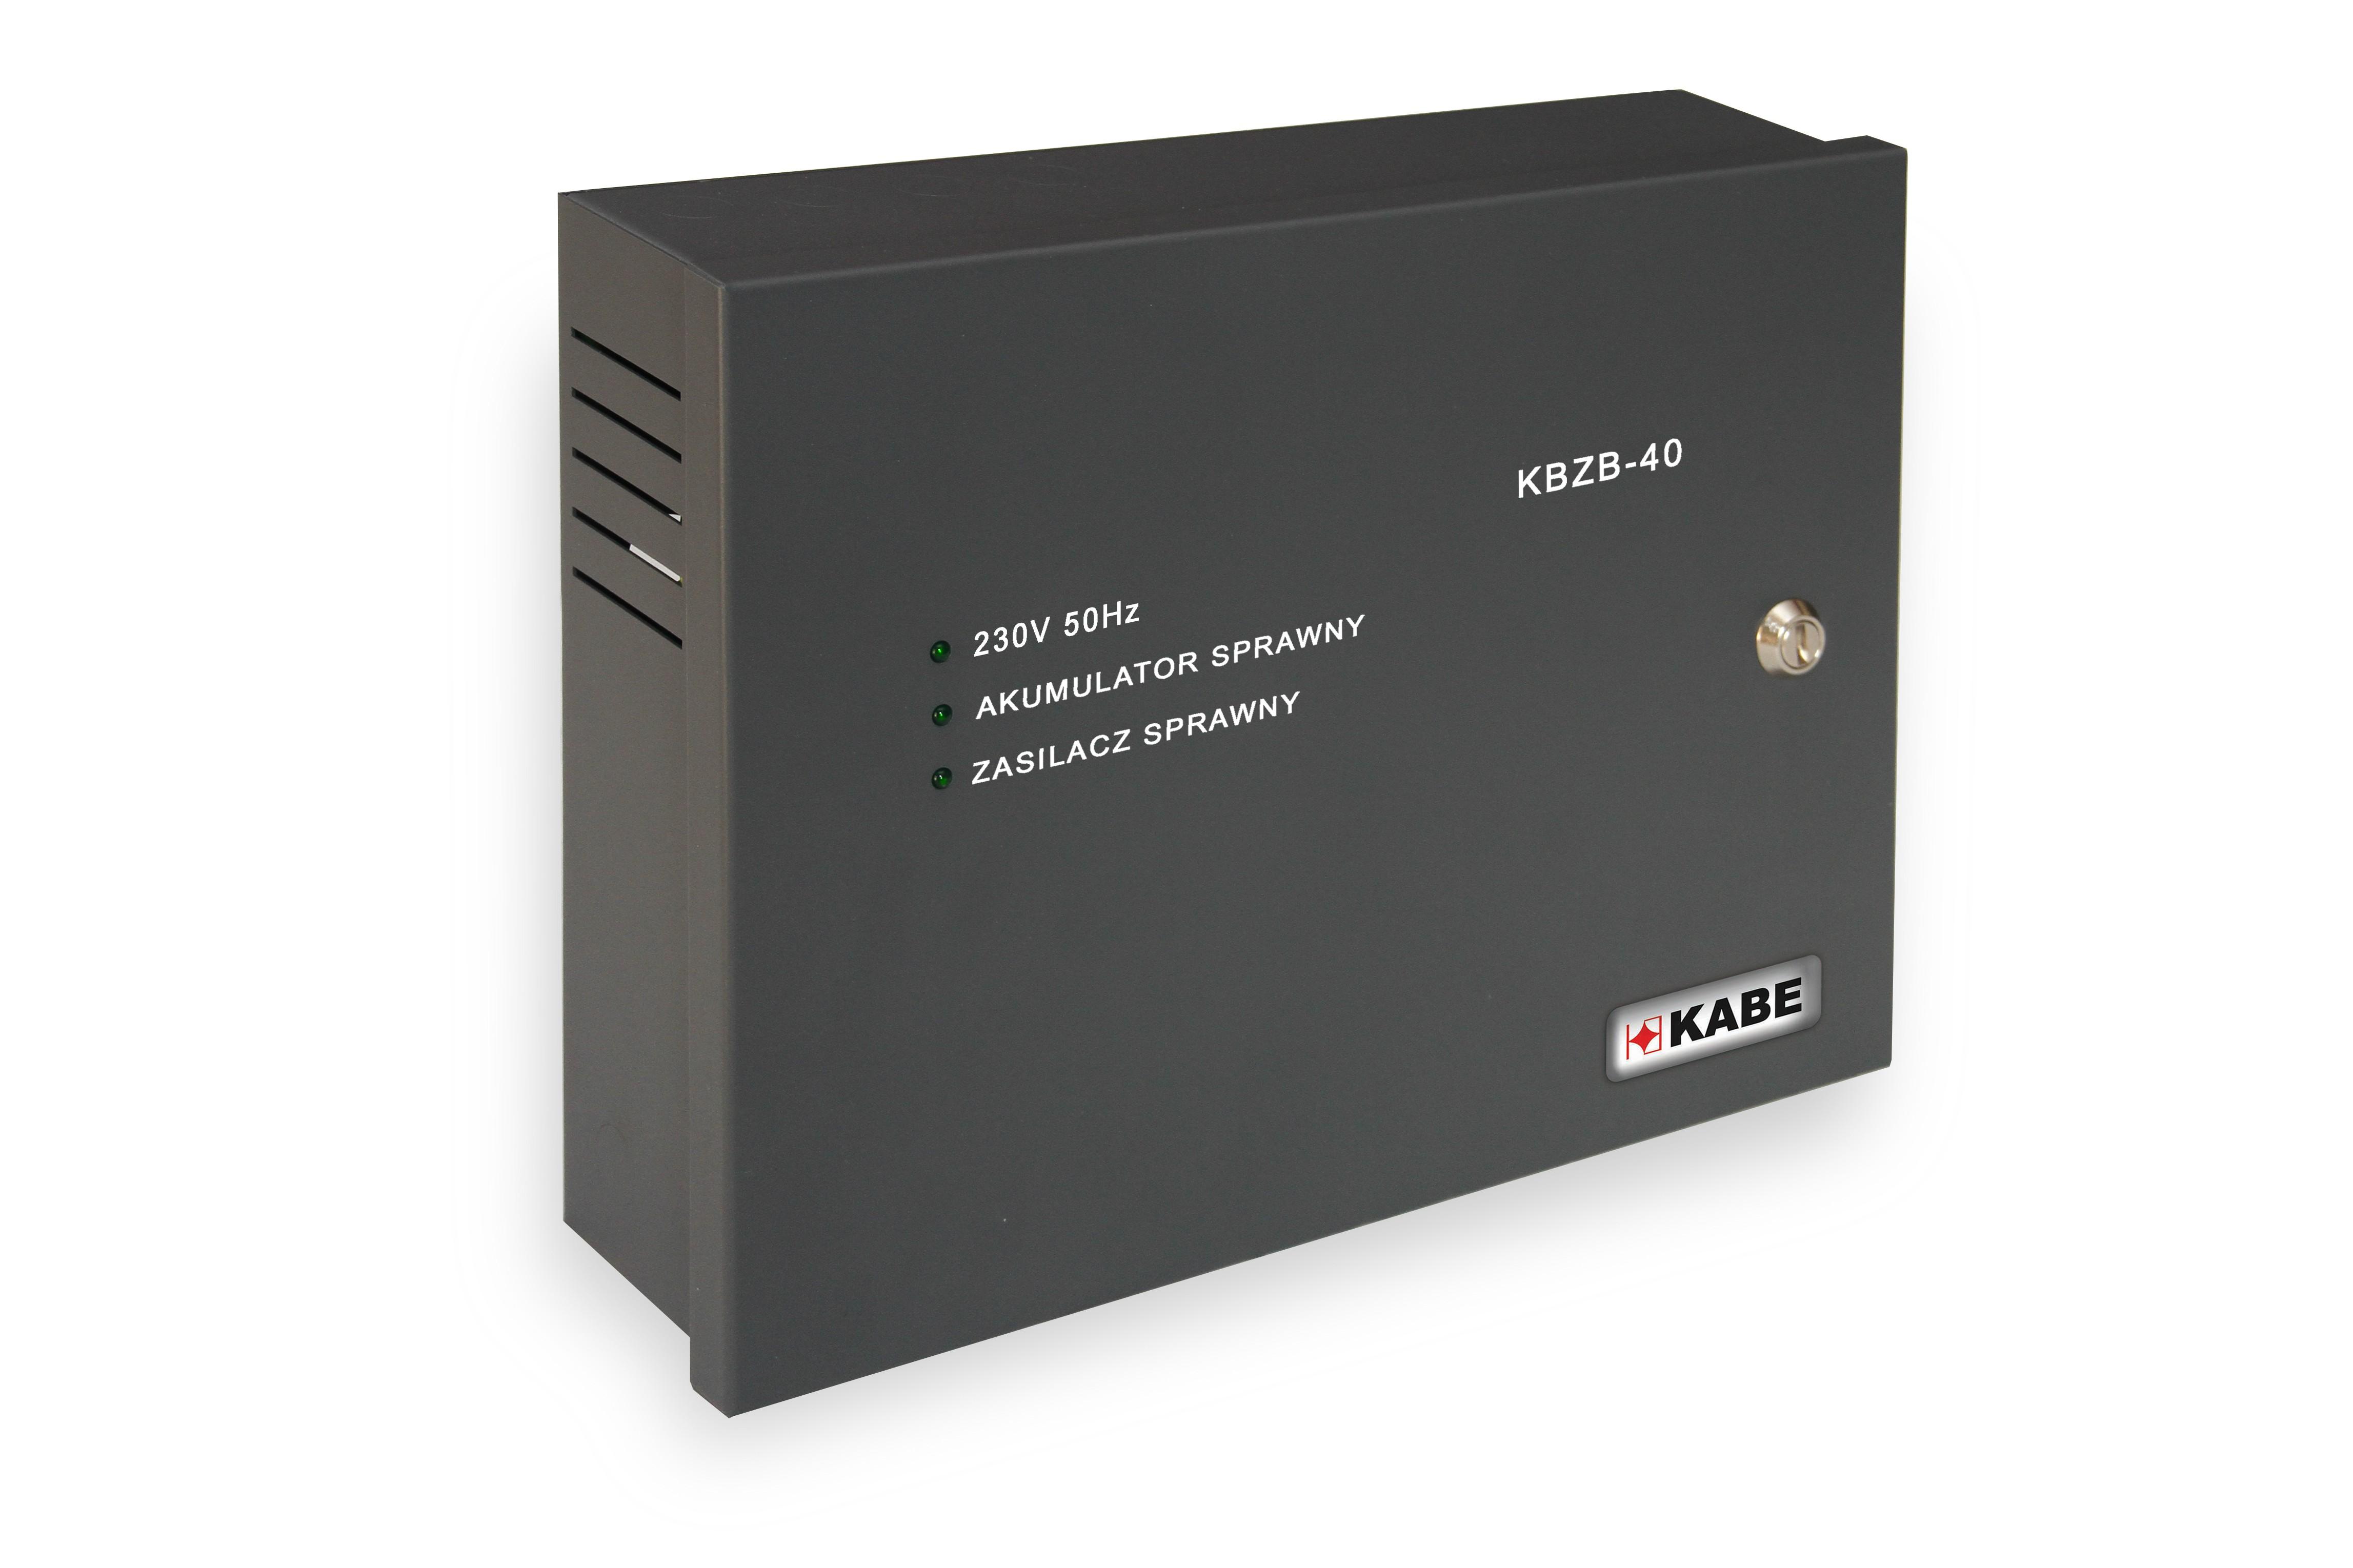 Zasilacz buforowy KBZB-40 5,5A/65Ah